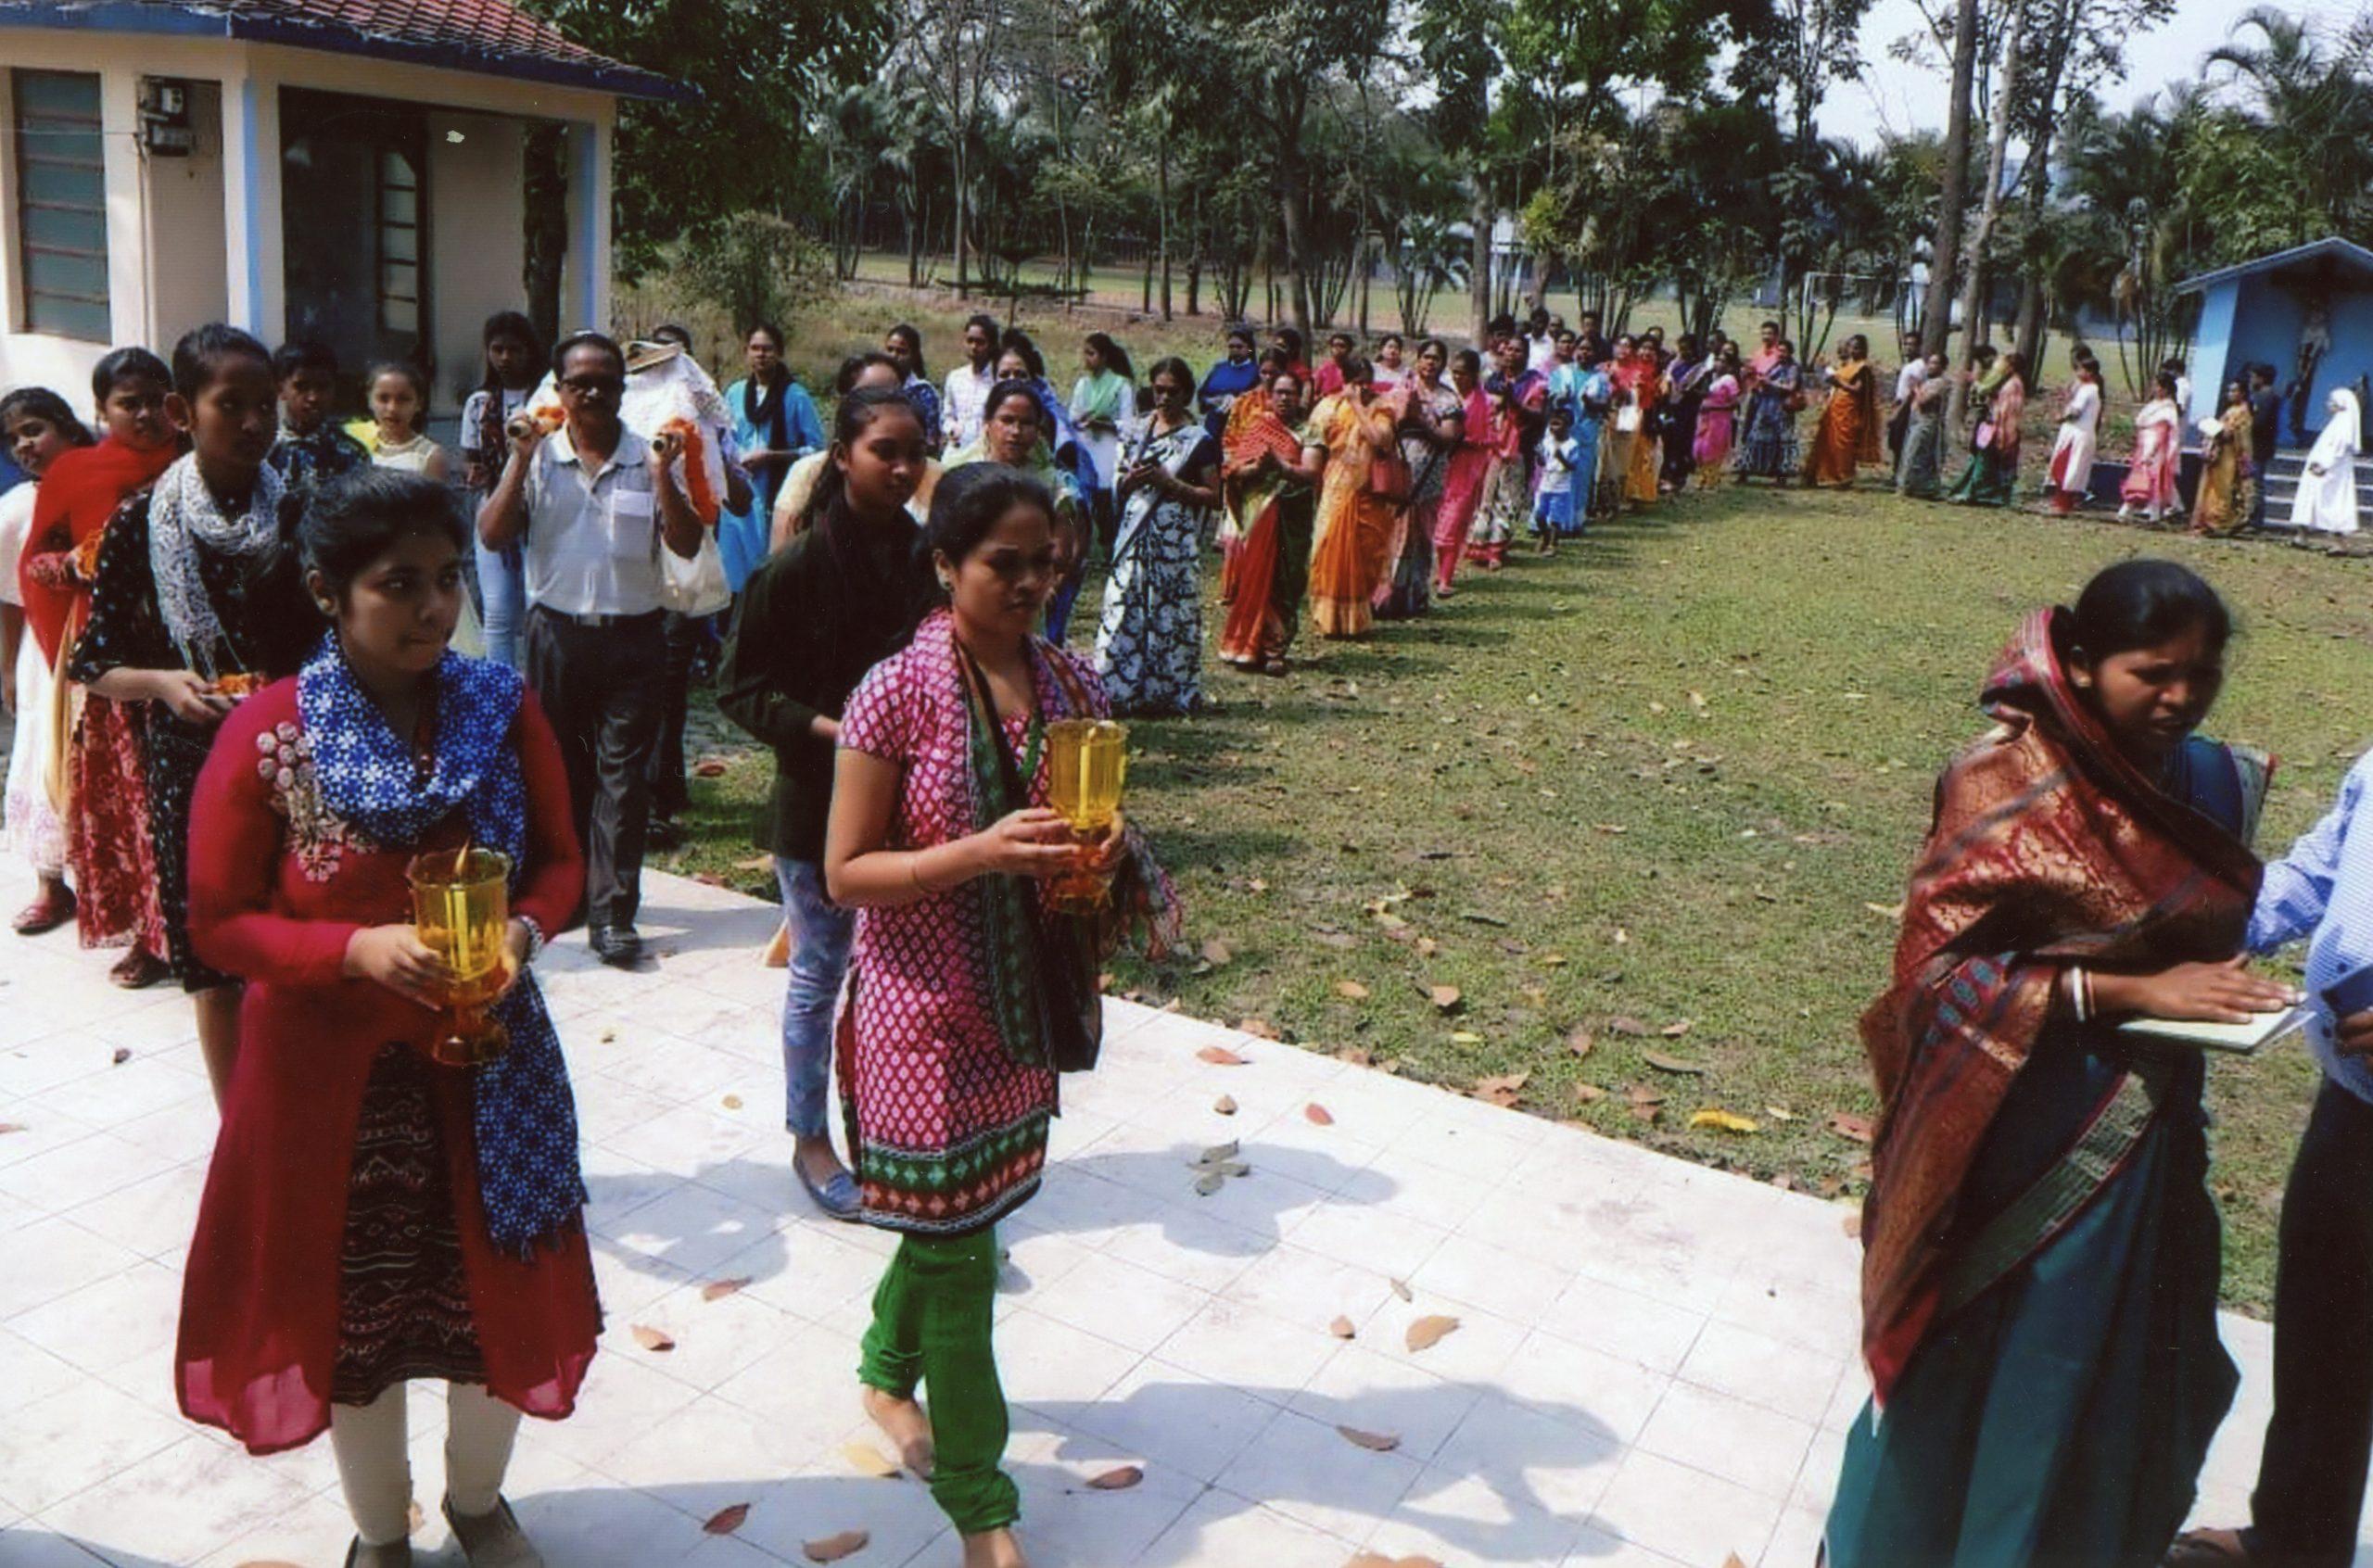 Stretnutie kresťanských spoločenstiev v Kalkate